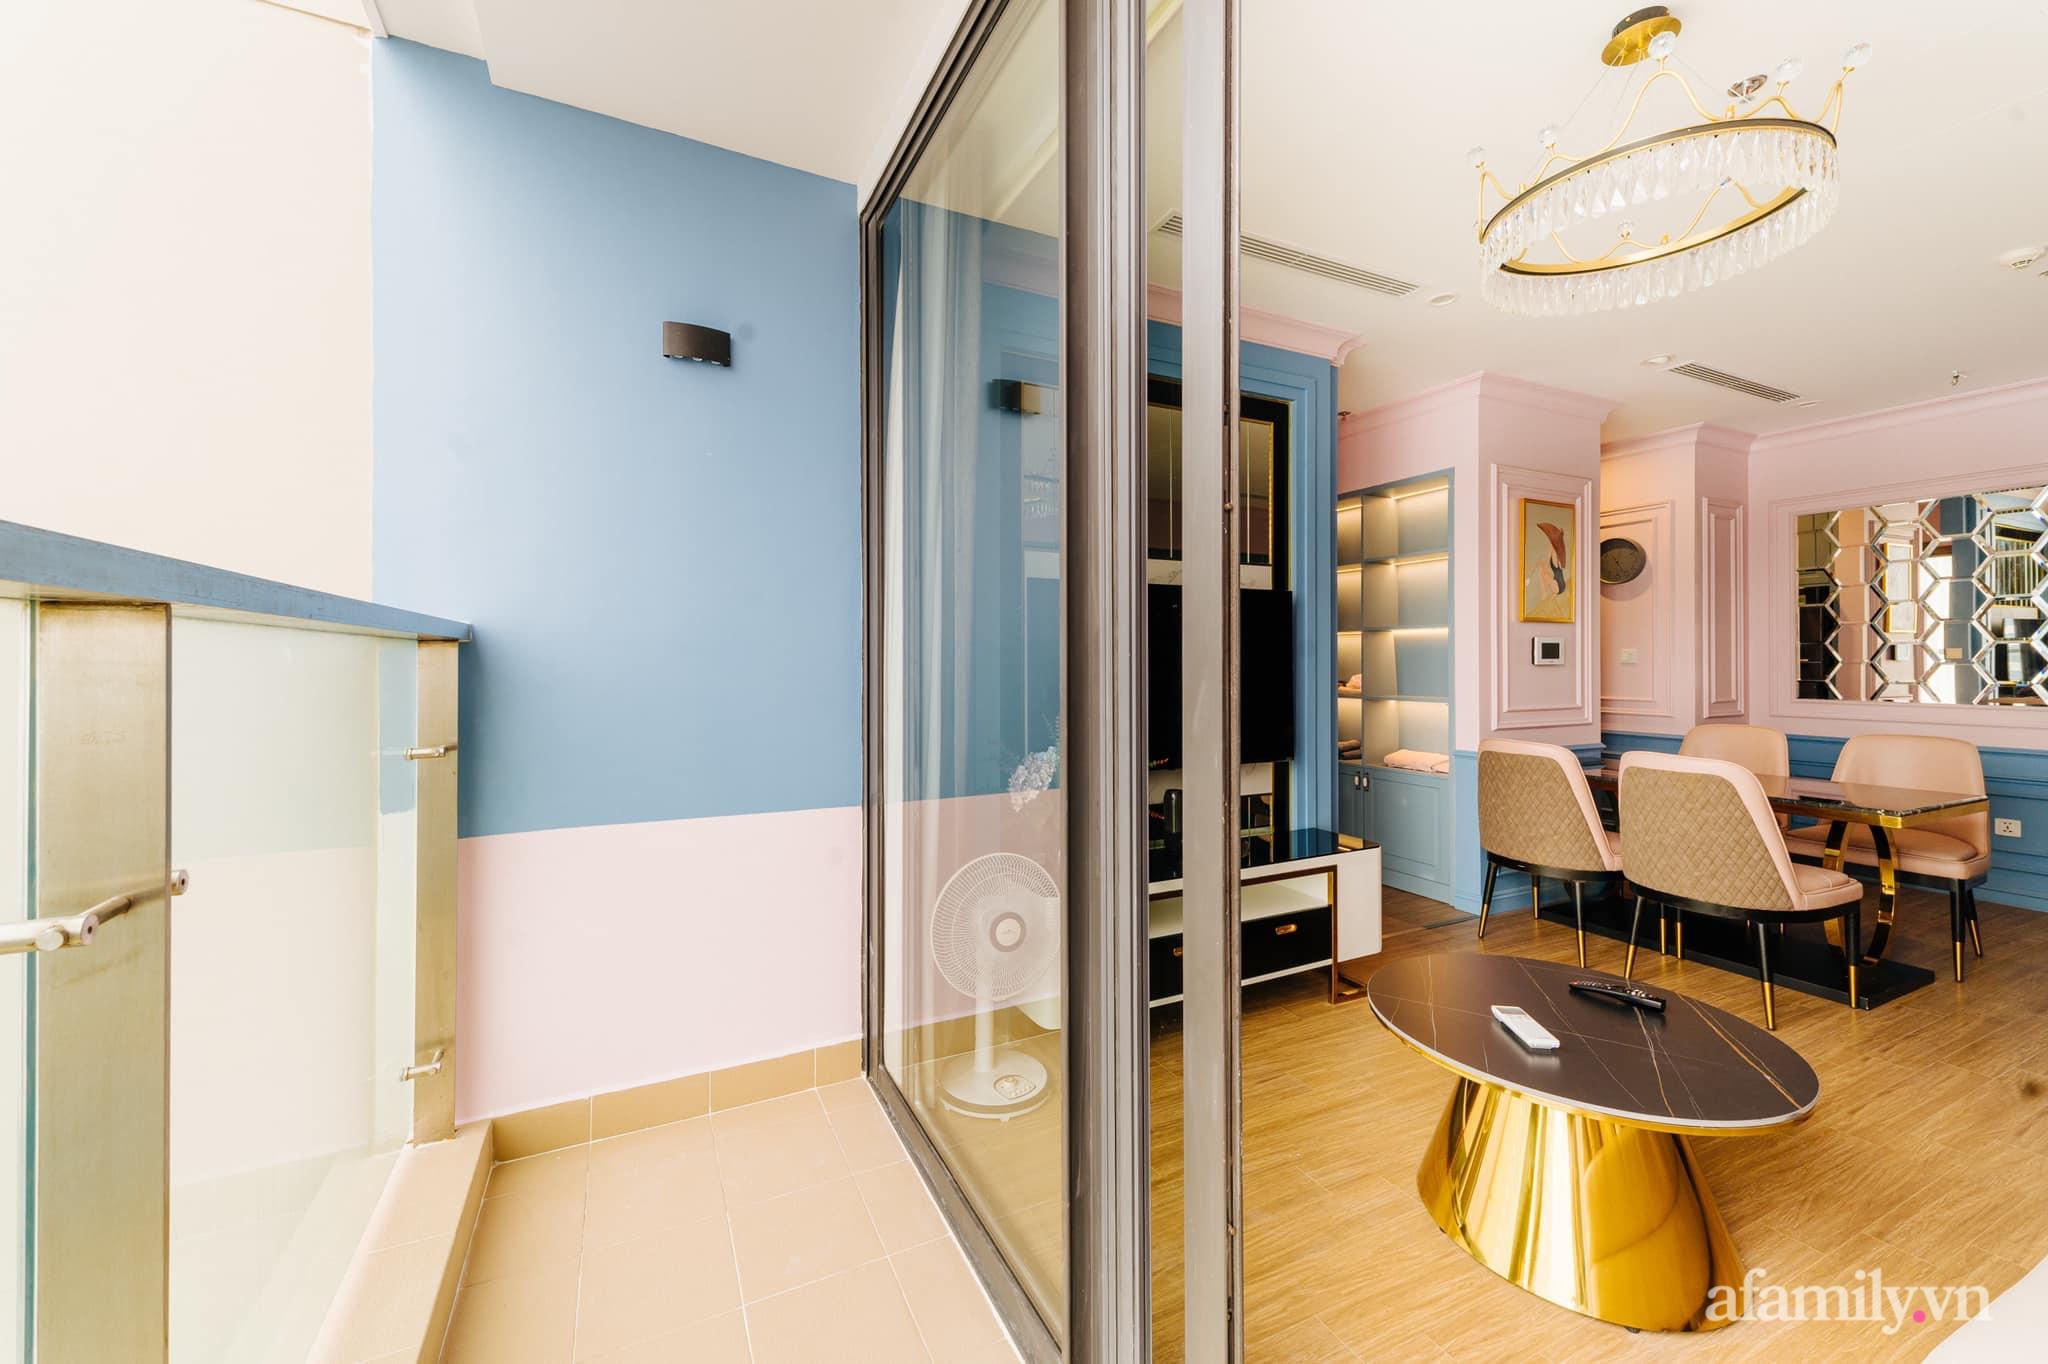 Căn hộ 45m² đẹp không góc chết với điểm nhấn màu xanh hồng cực chất có chi phí hoàn thiện 200 triệu đồng ở Hà Nội - Ảnh 5.